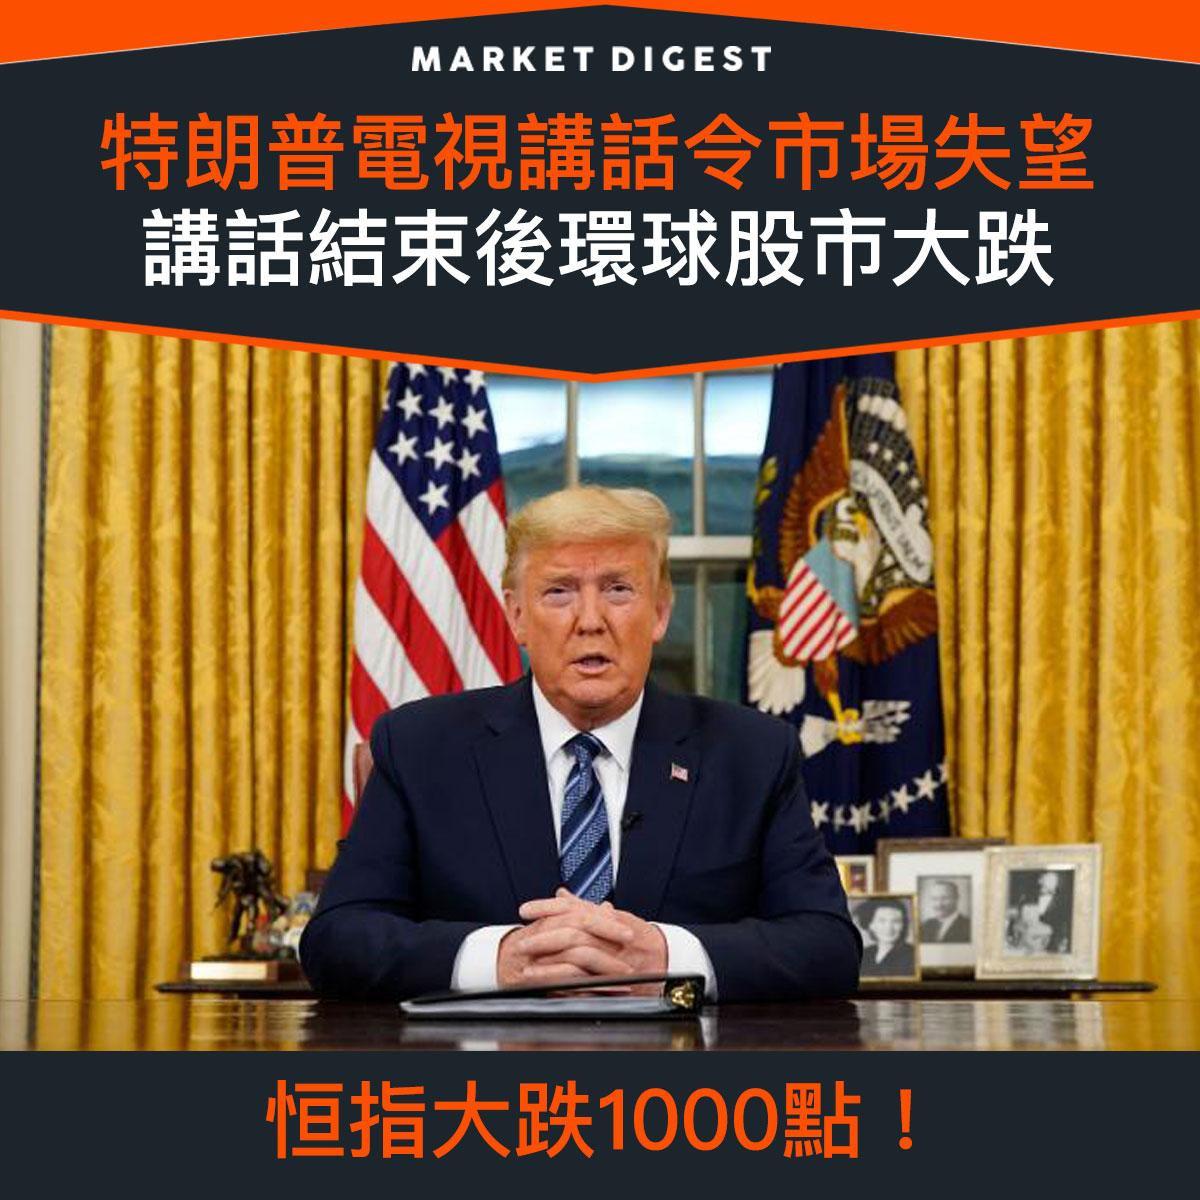 【市場熱話】特朗普電視講話令市場失望,講話結束後環球股市大跌